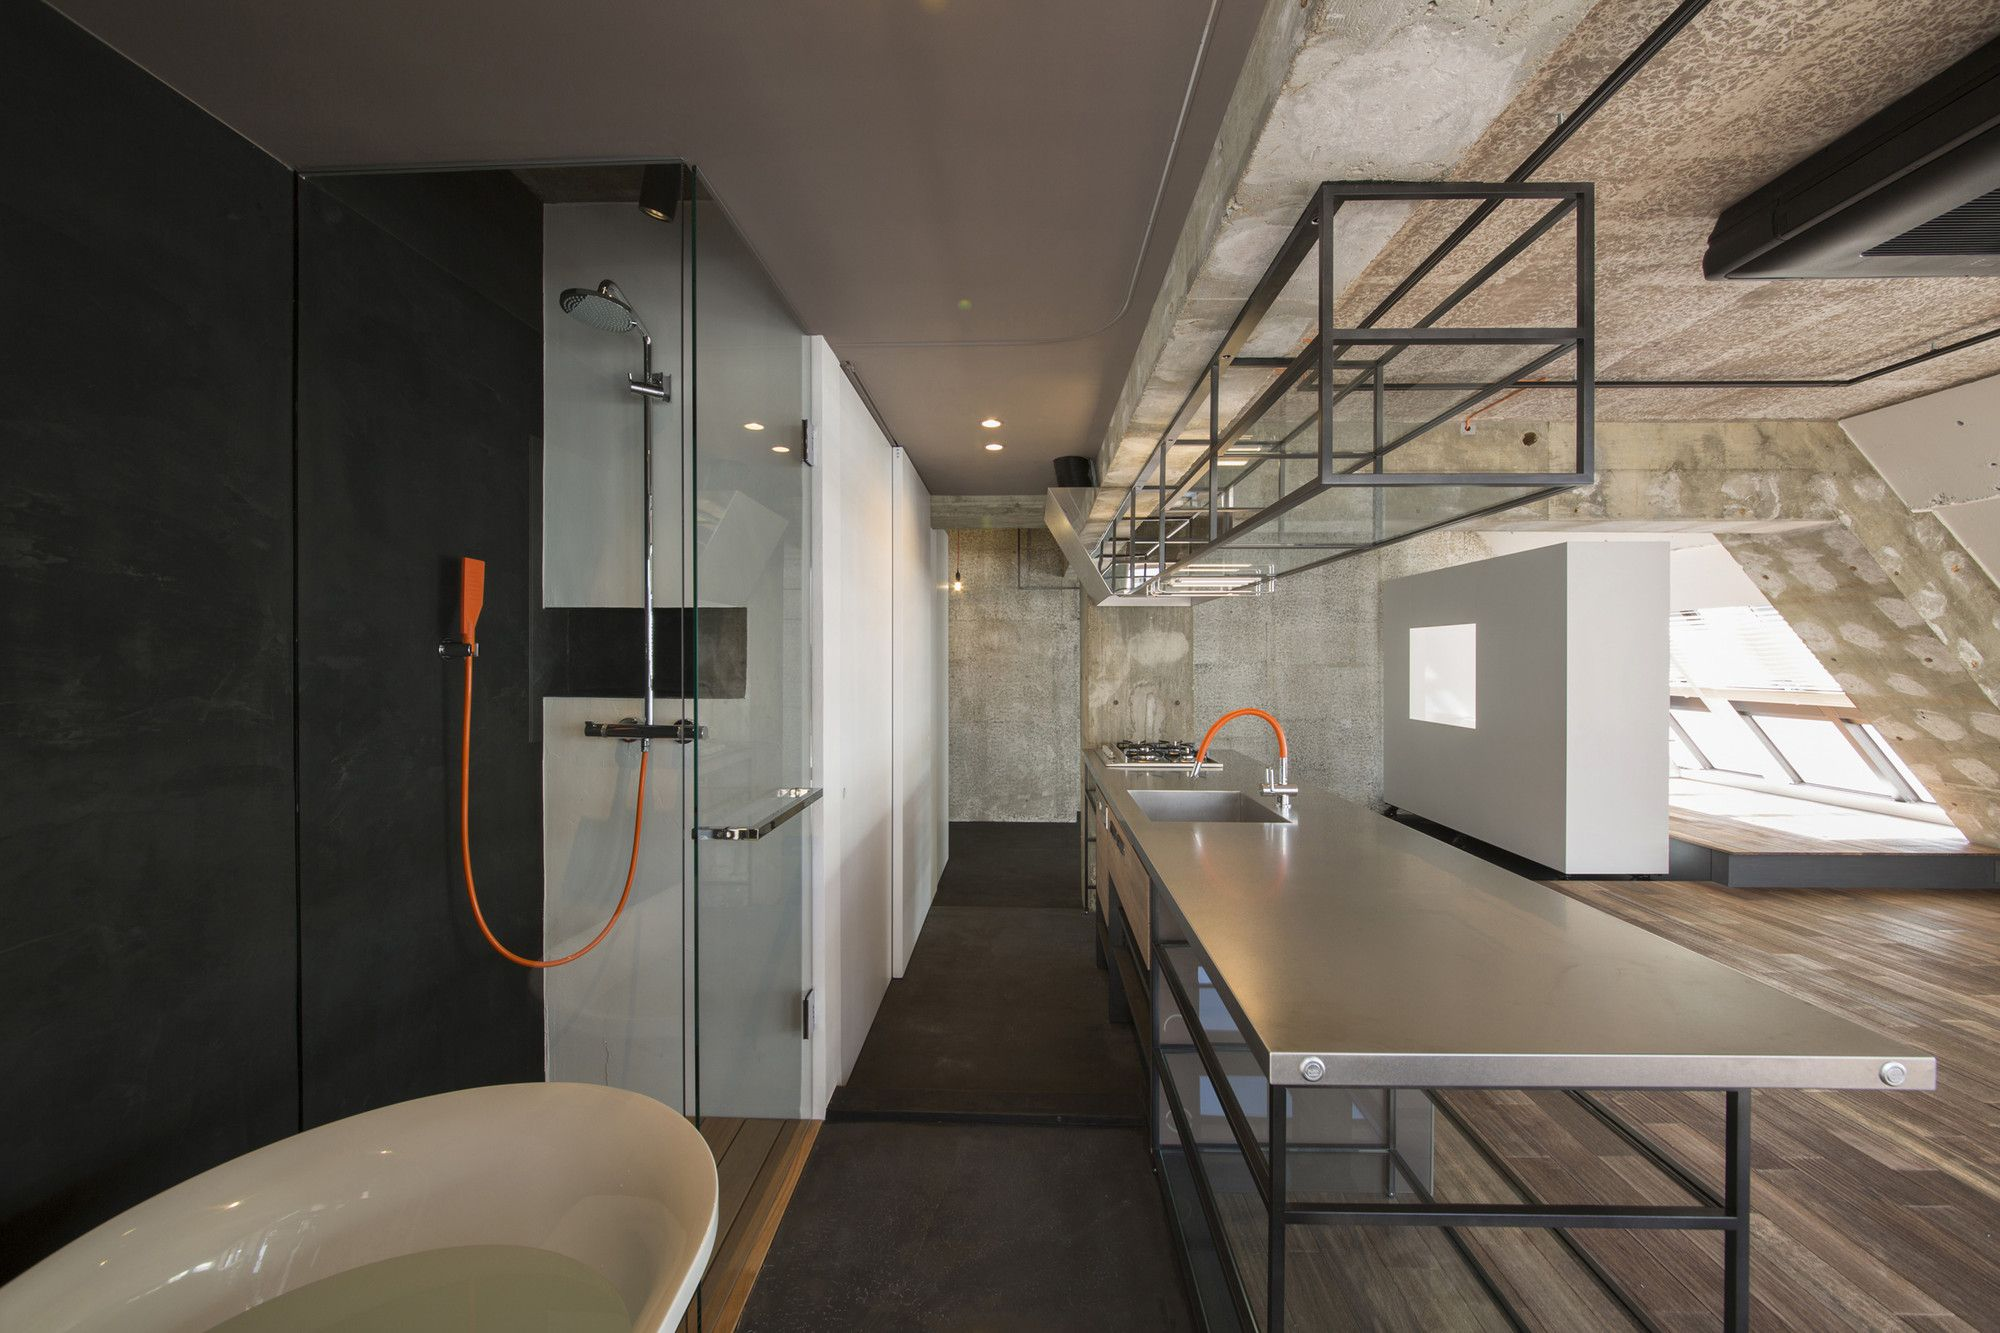 Важно, чтобы совпадали внутренний и наружный стили дома